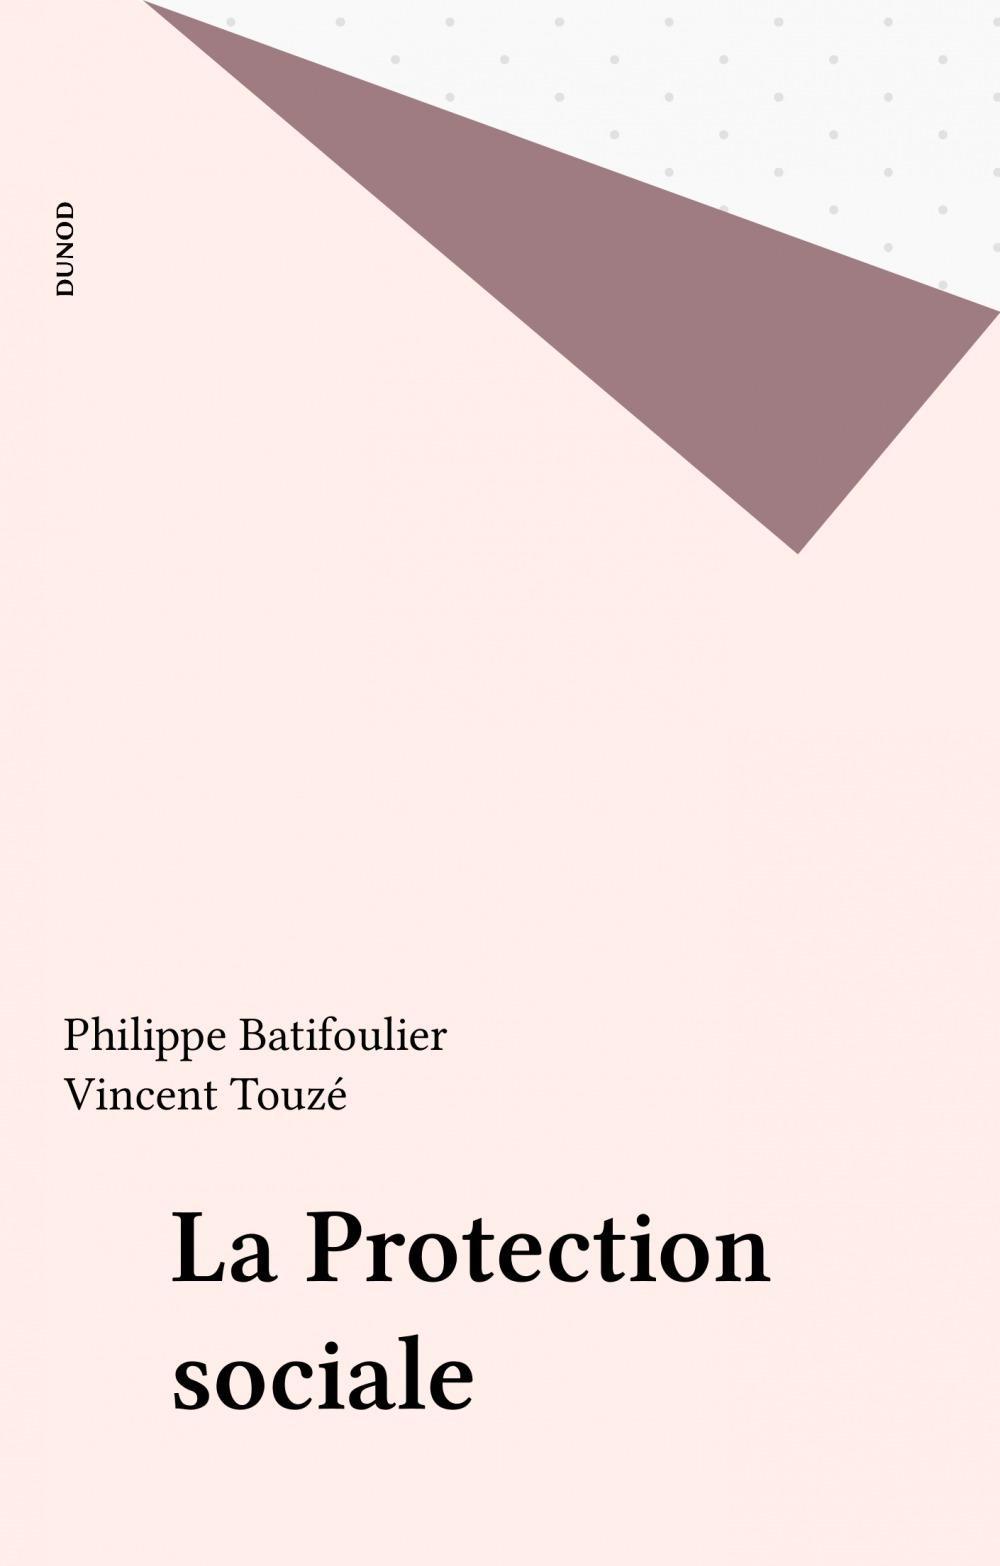 Philippe Batifoulier La Protection sociale